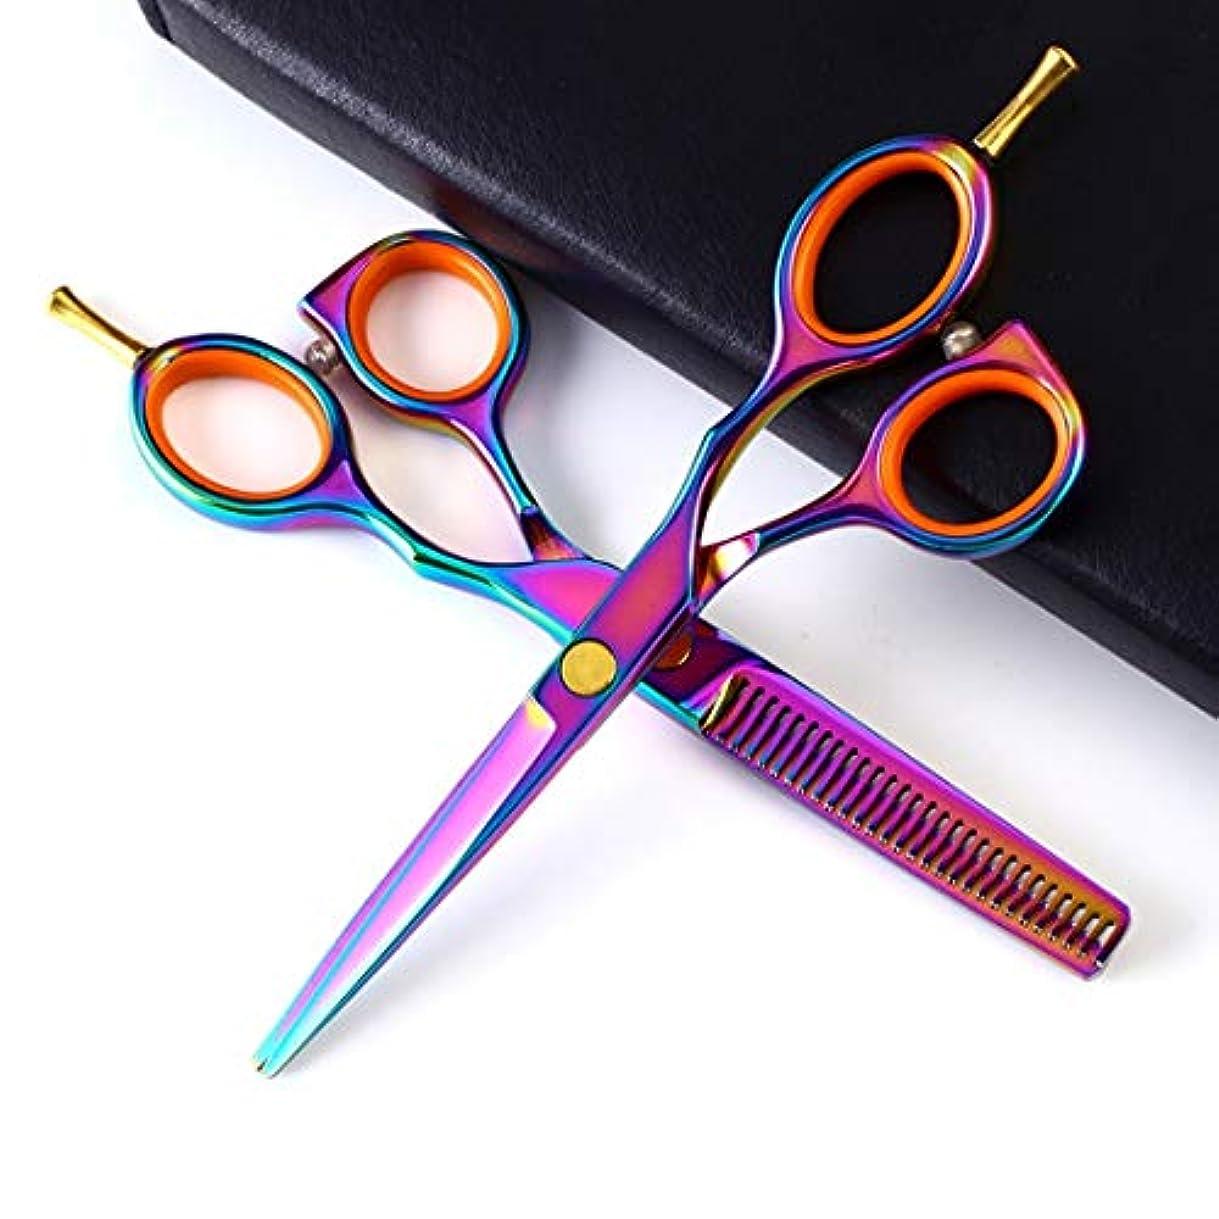 詐欺生き残りロープJiaoran 5.5インチの毛の切断のはさみの専門のステンレス鋼のヘアカットのせん断の歯のはさみ+平らなはさみセット (Color : Colorful)